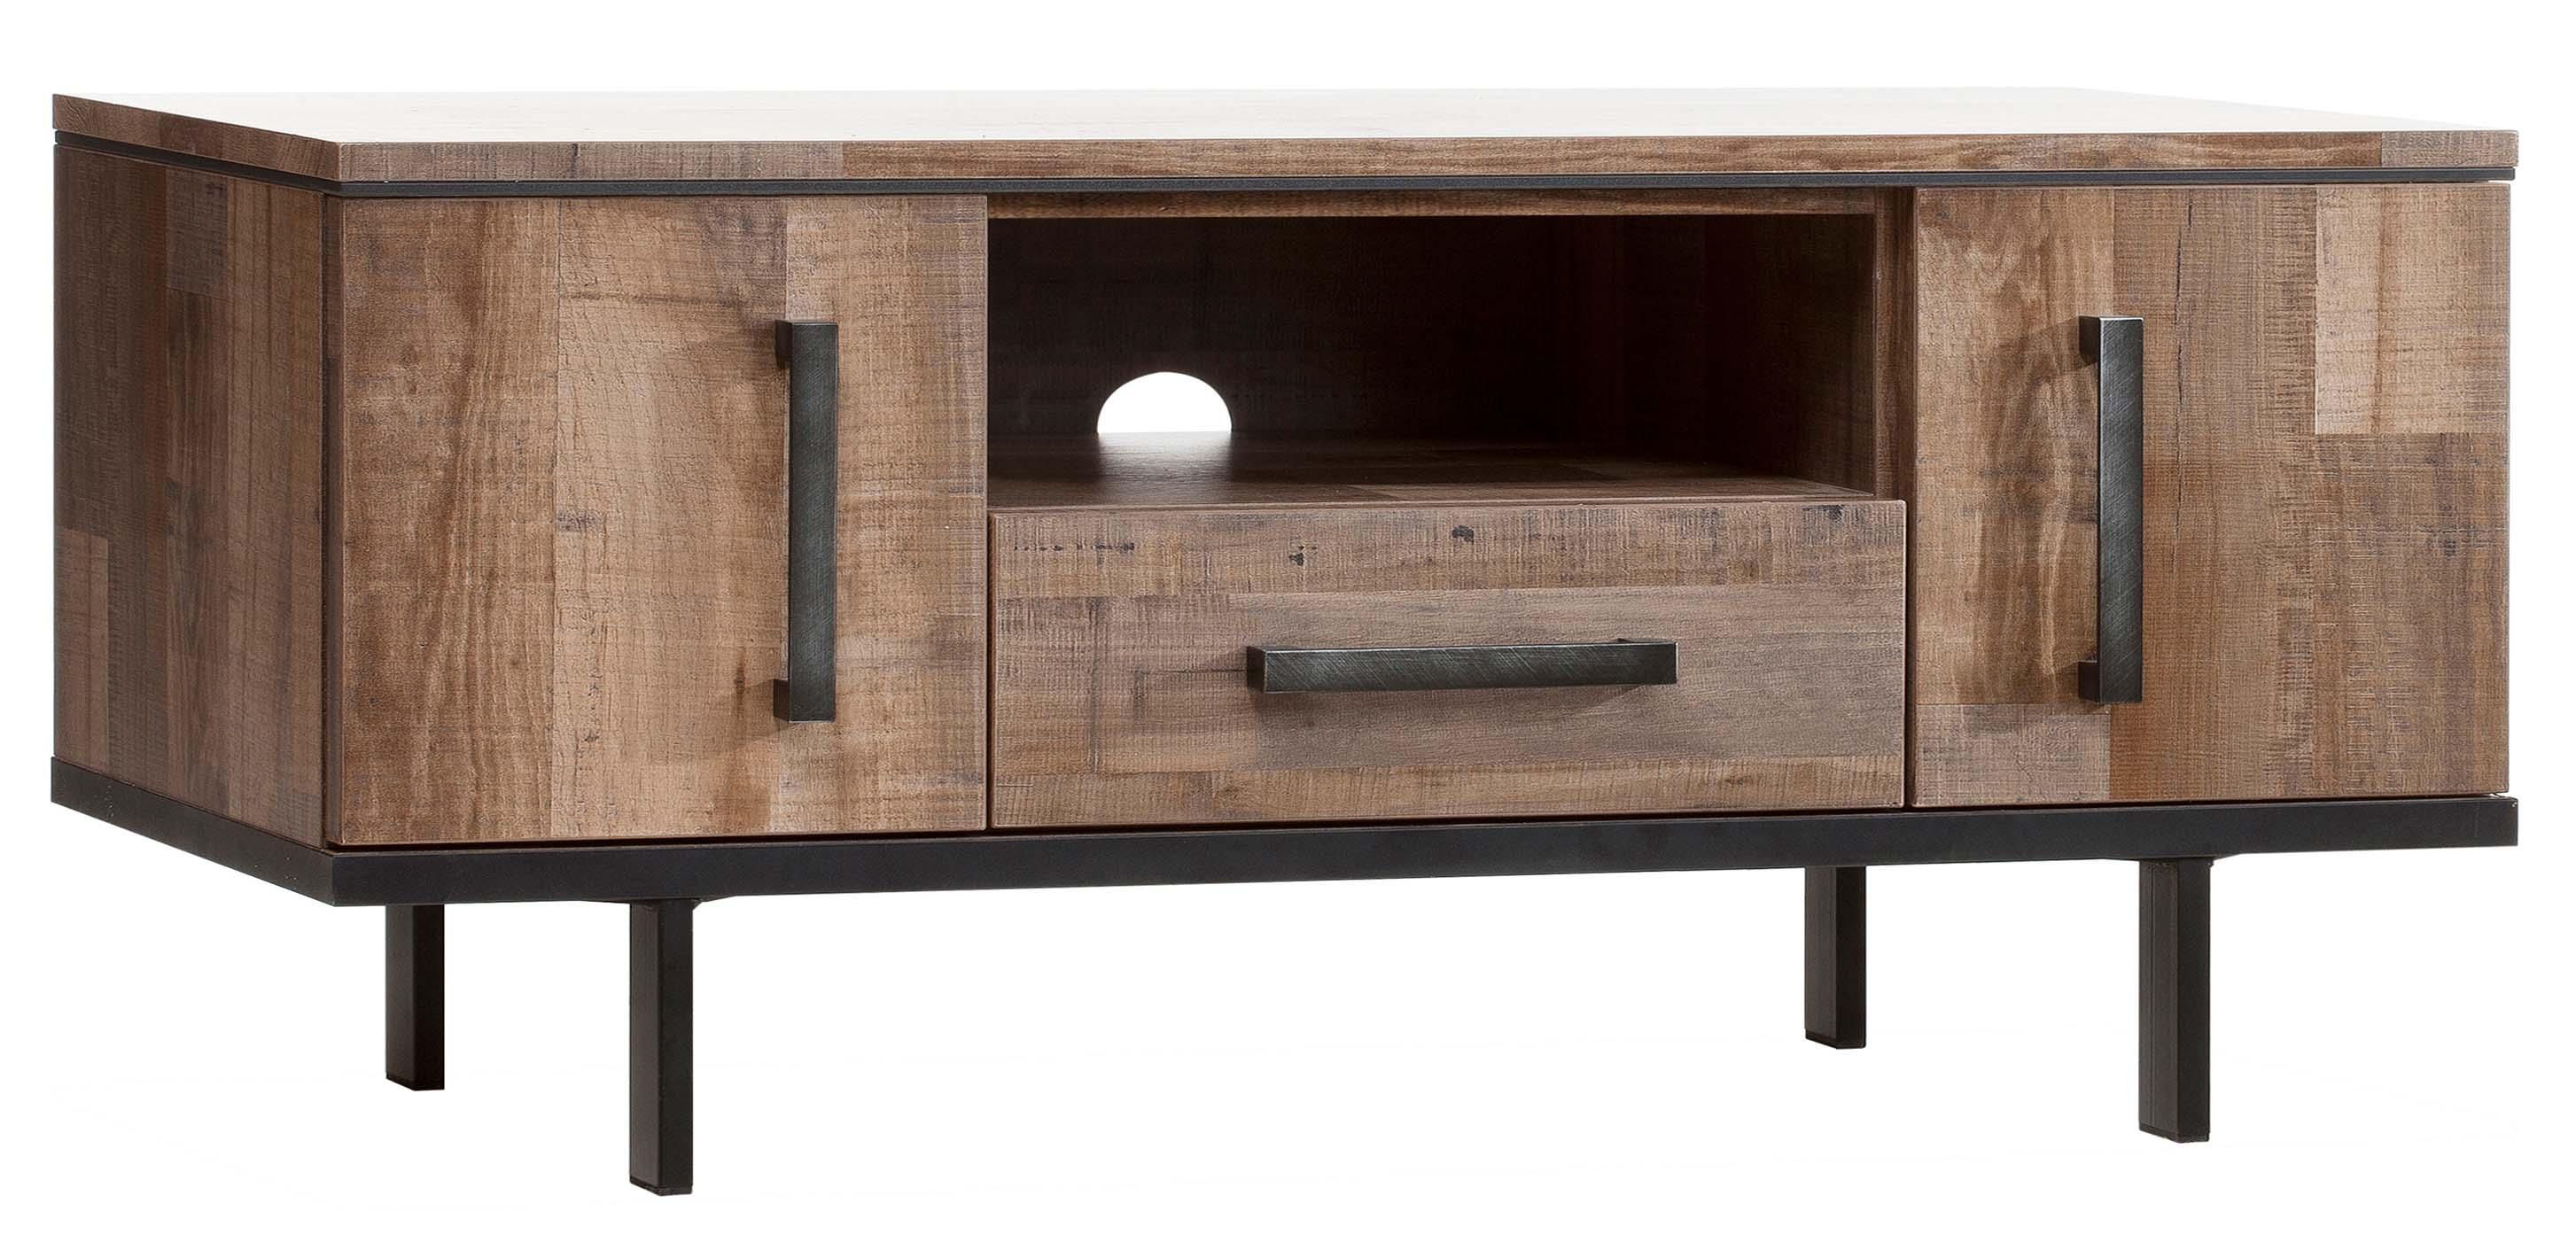 Lovely vrijhangend tv meubel 2b3 - Meubels set woonkamer eetkamer ...